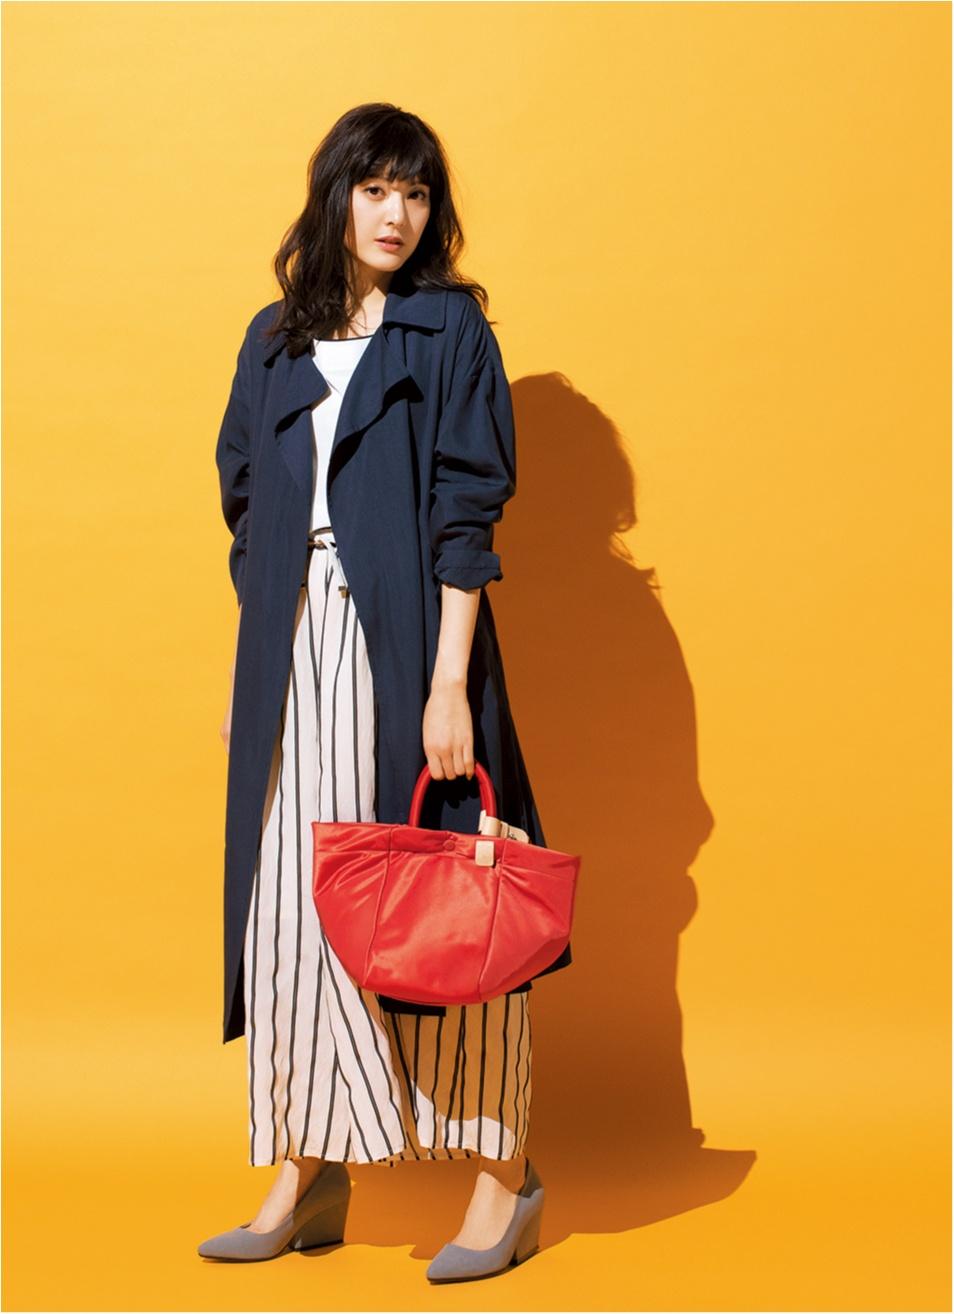 今着たい服にフィットする、プレイフルなデザイン 。 『ラシット』のカラフルバッグとどこまでも♡_3